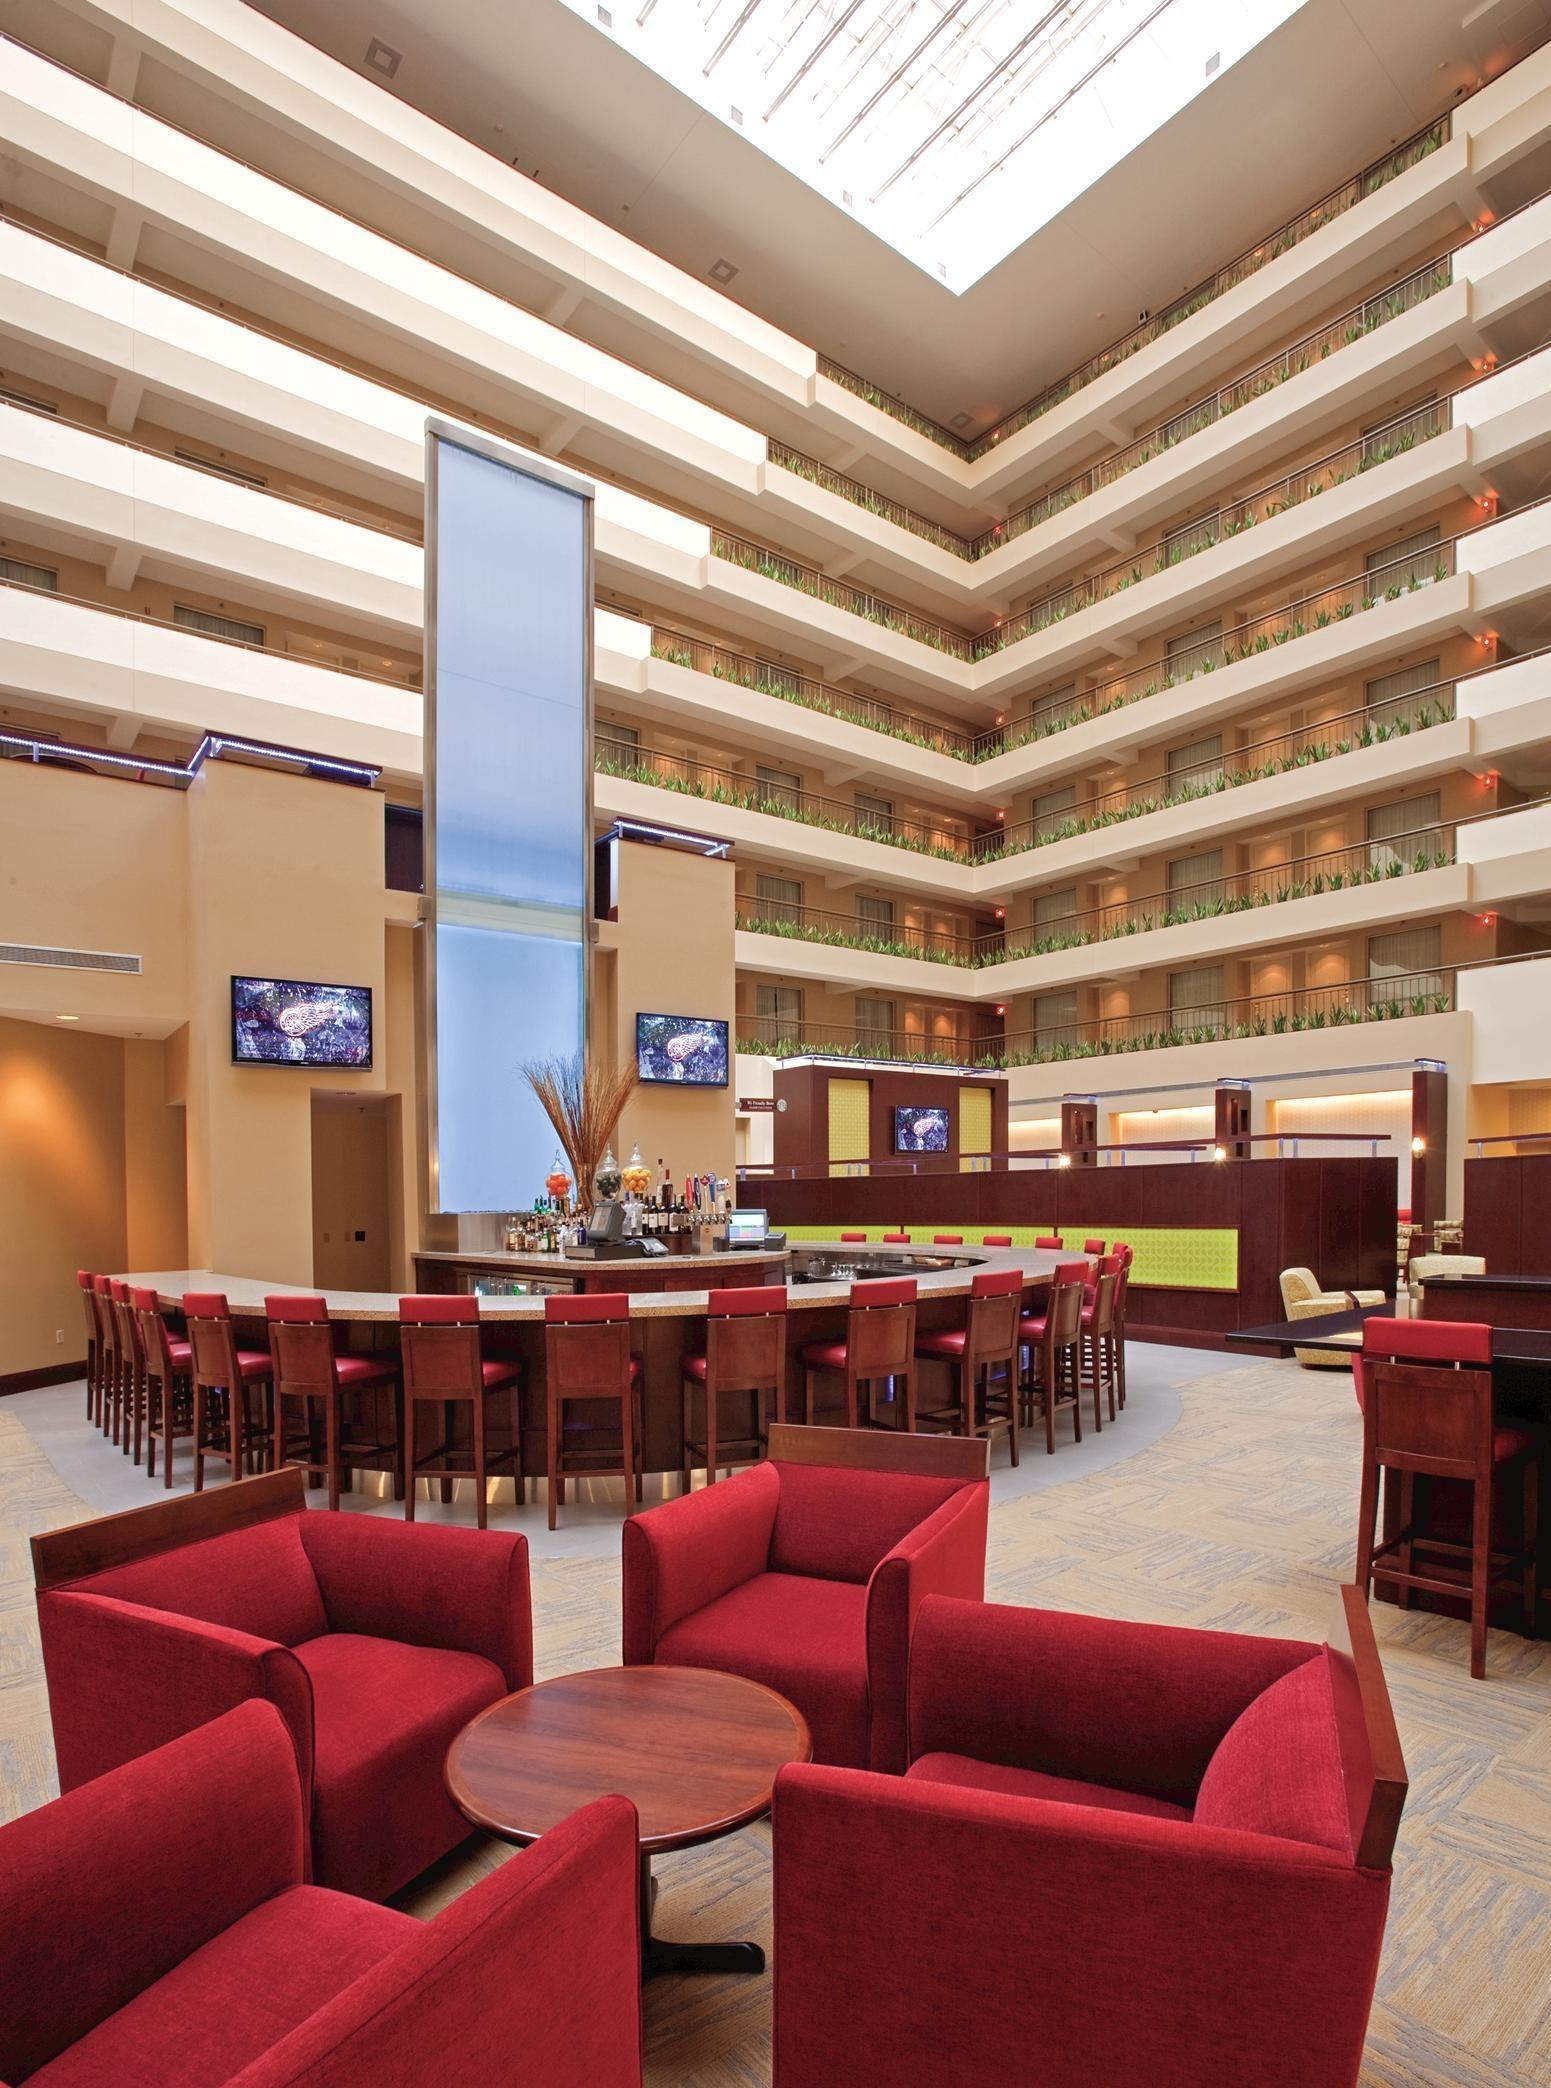 Embassy Suites by Hilton Detroit Troy Auburn Hills image 5